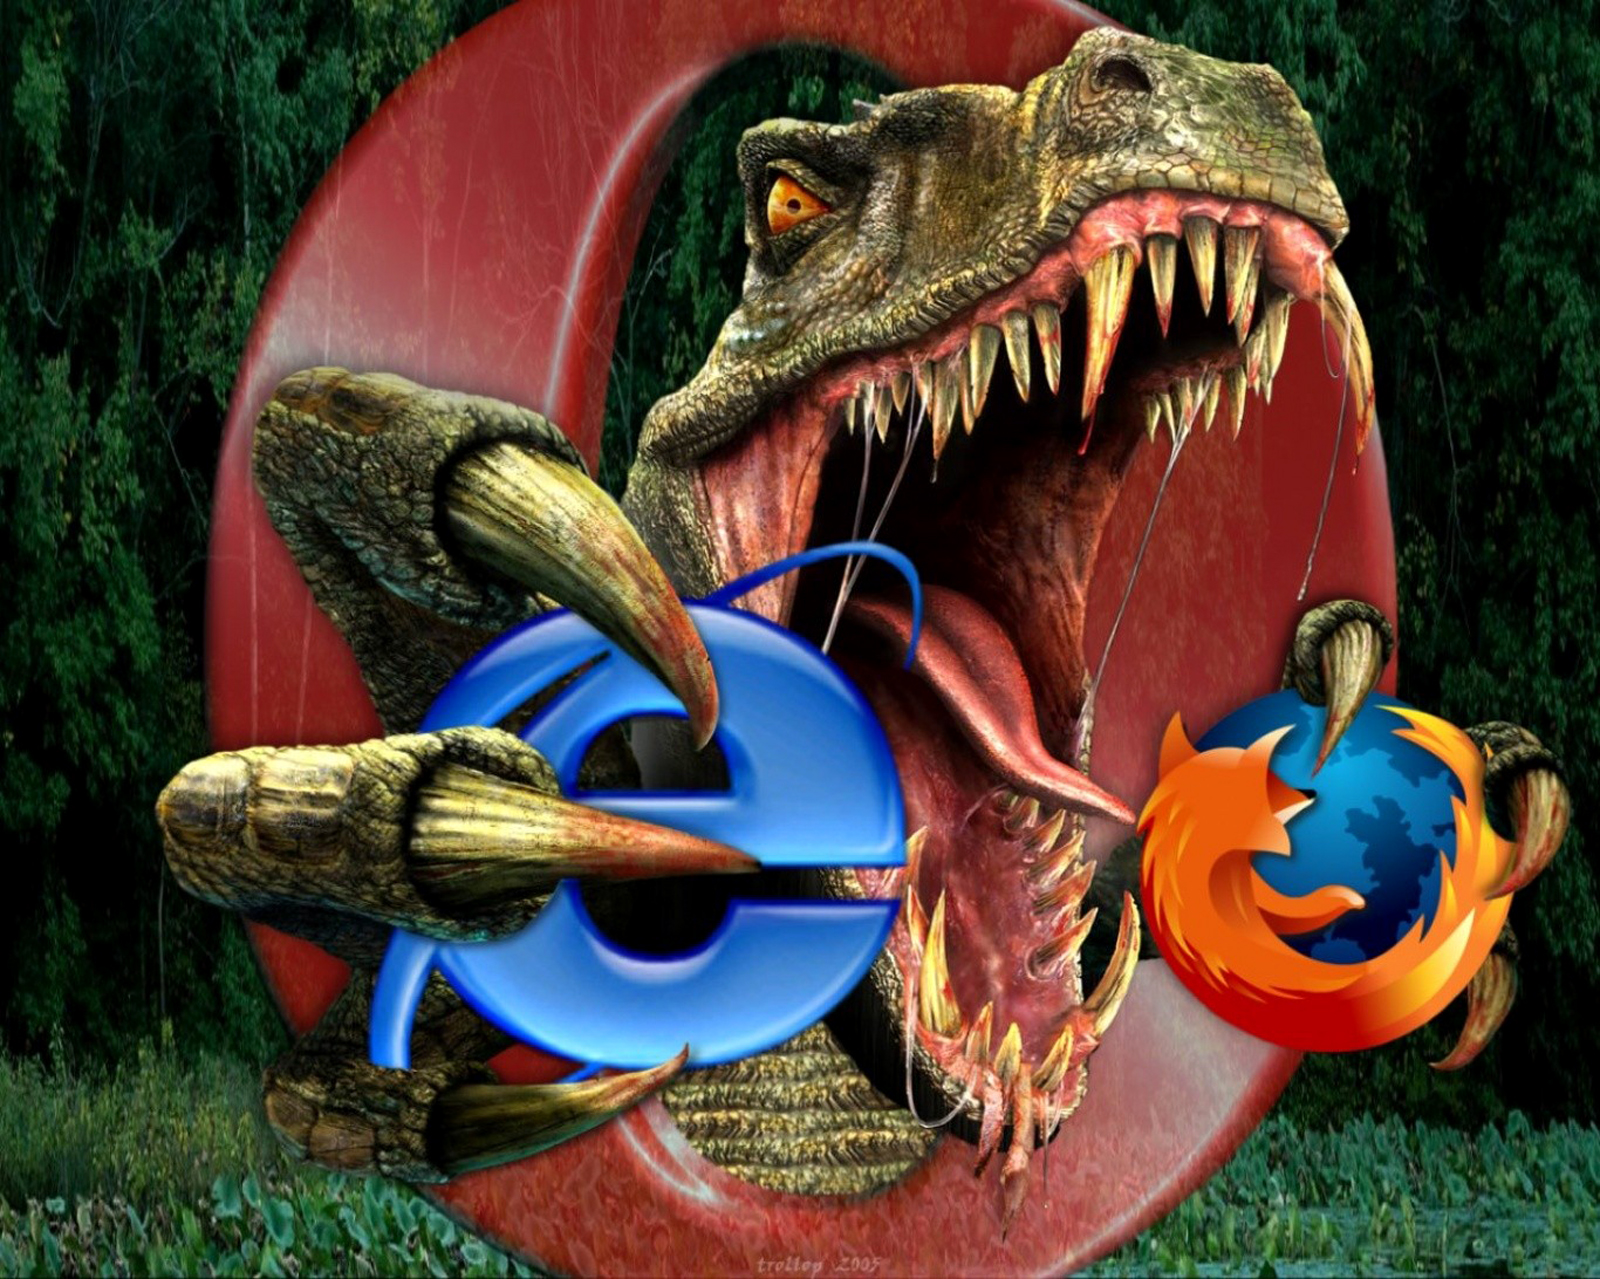 http://1.bp.blogspot.com/-lmiOaqxf6zY/Tm-3IDNqIGI/AAAAAAAAC_o/CyQrjBBgW_k/s1600/Opera_The_Best_Browser_HD_Logo_Wallpaper_Vvallpaper.Net_2.jpg